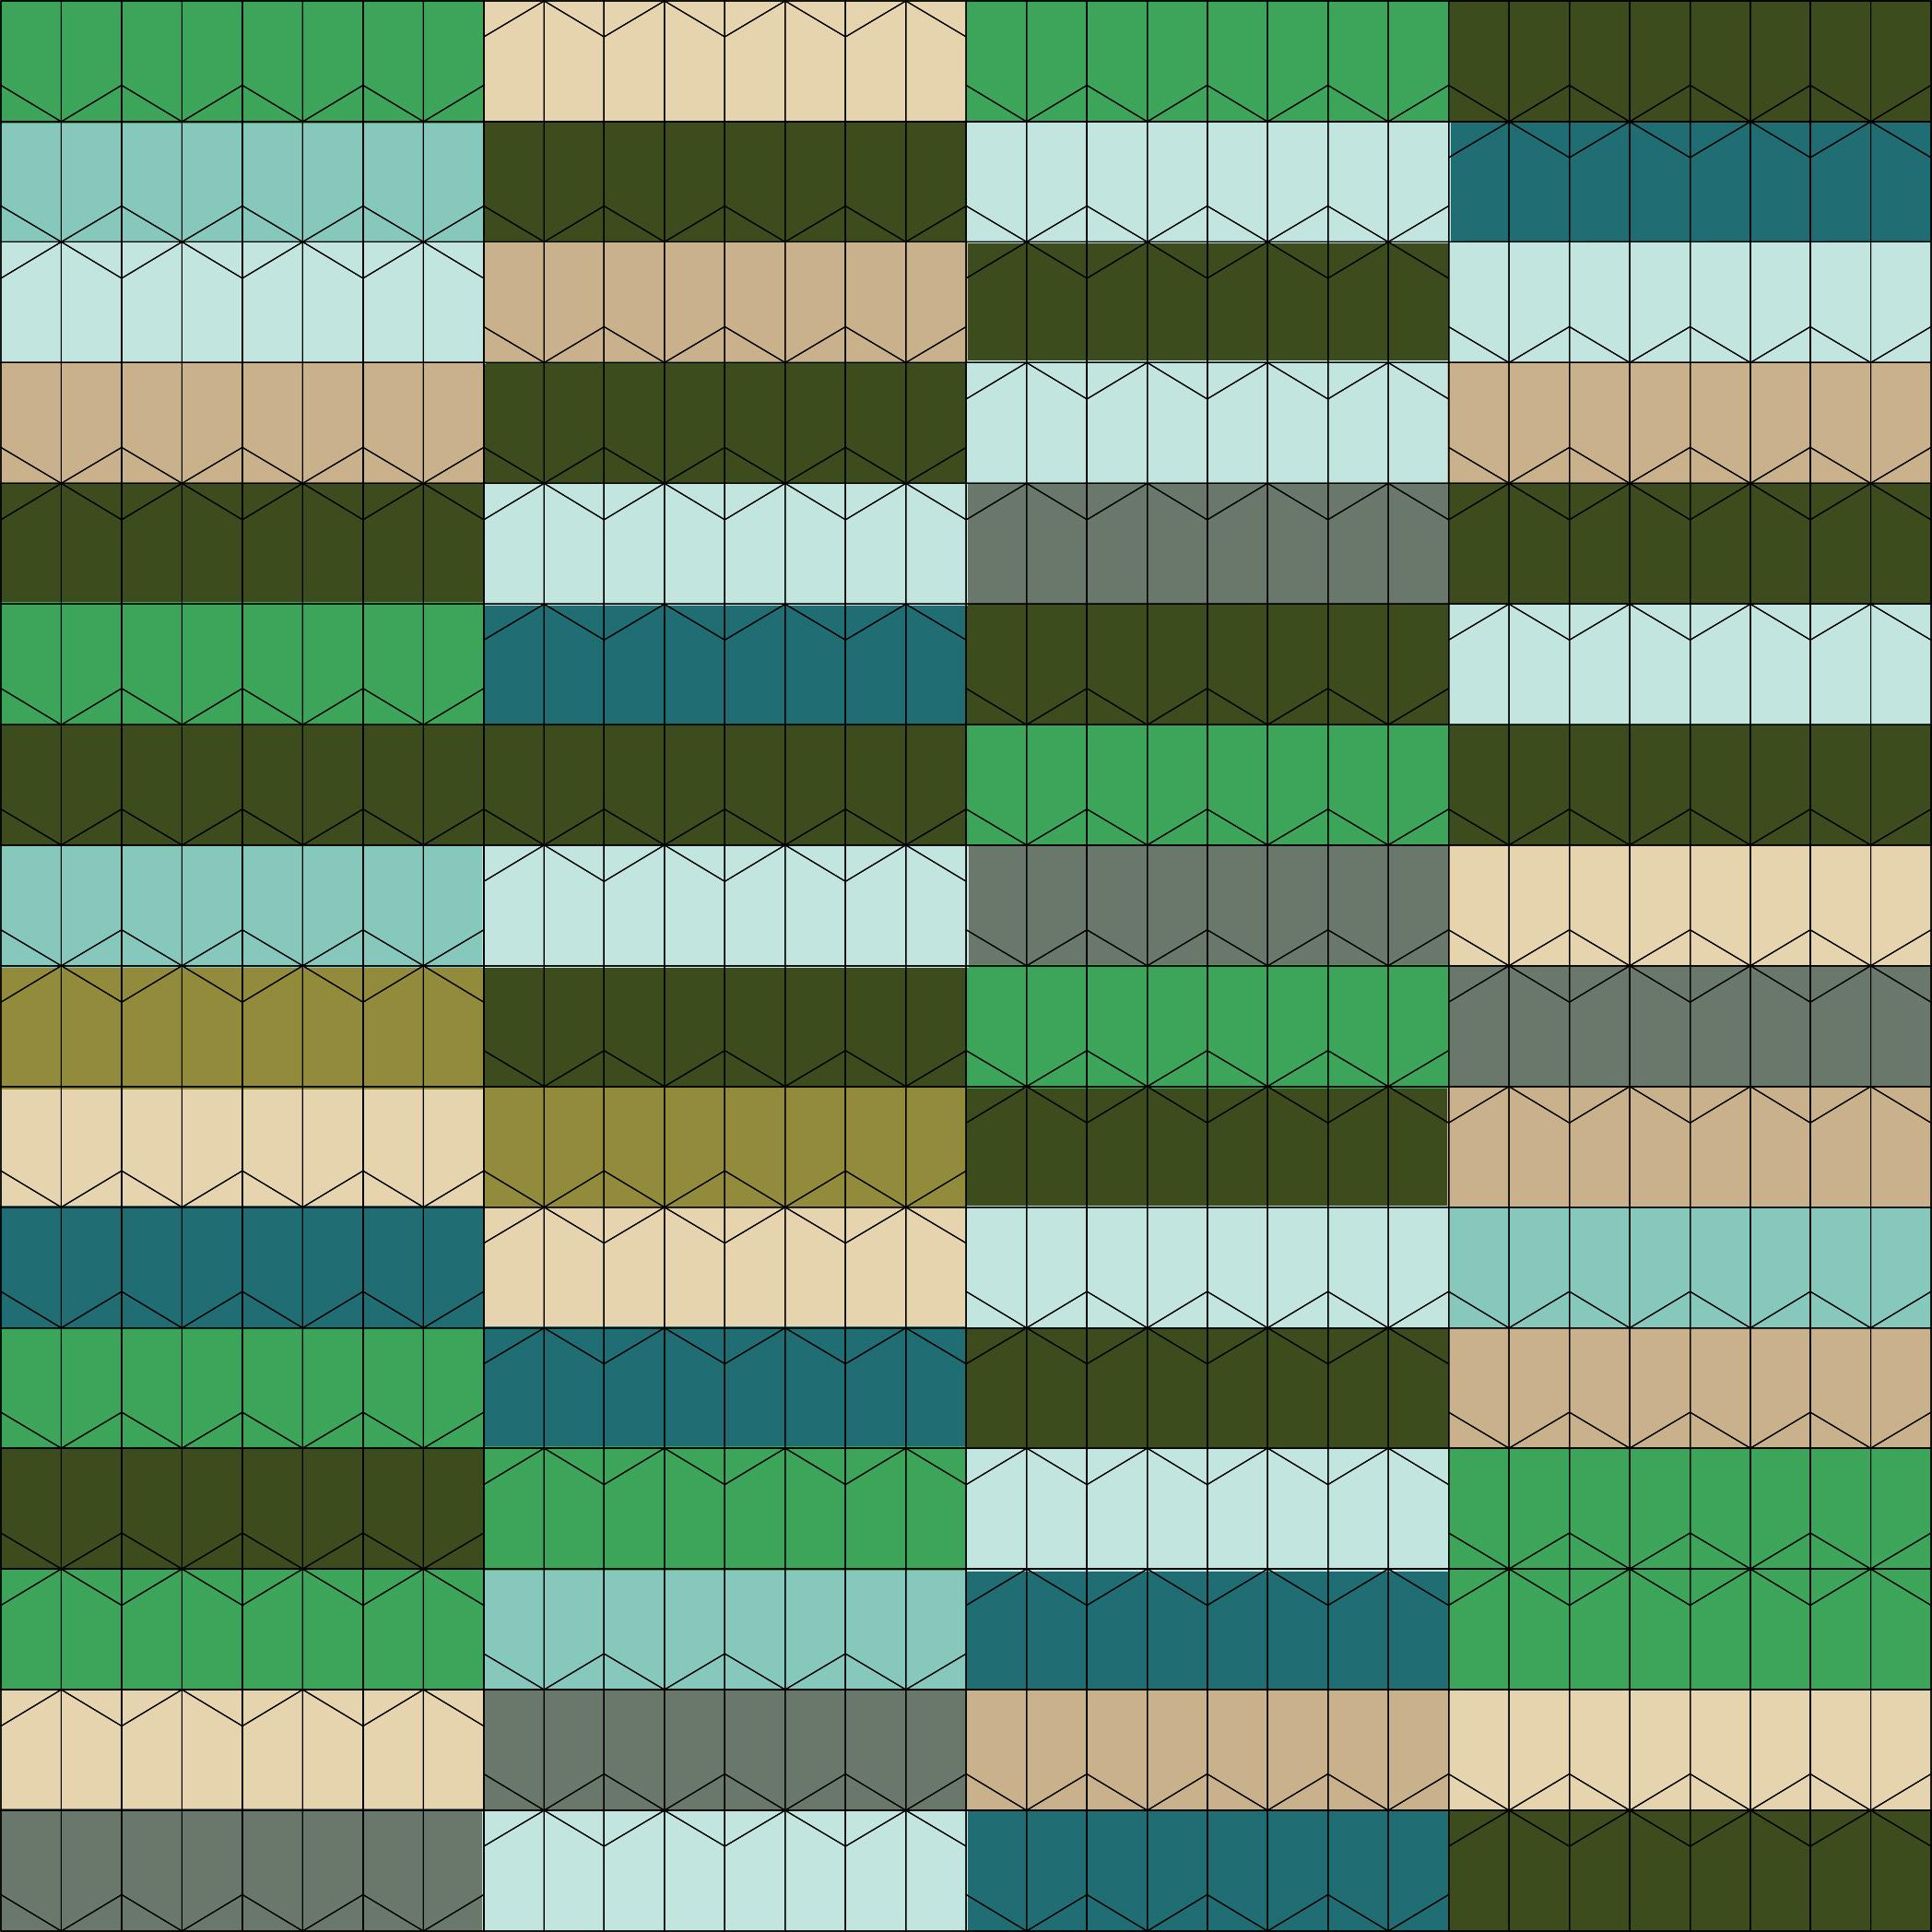 greenpattern(256pcs.)